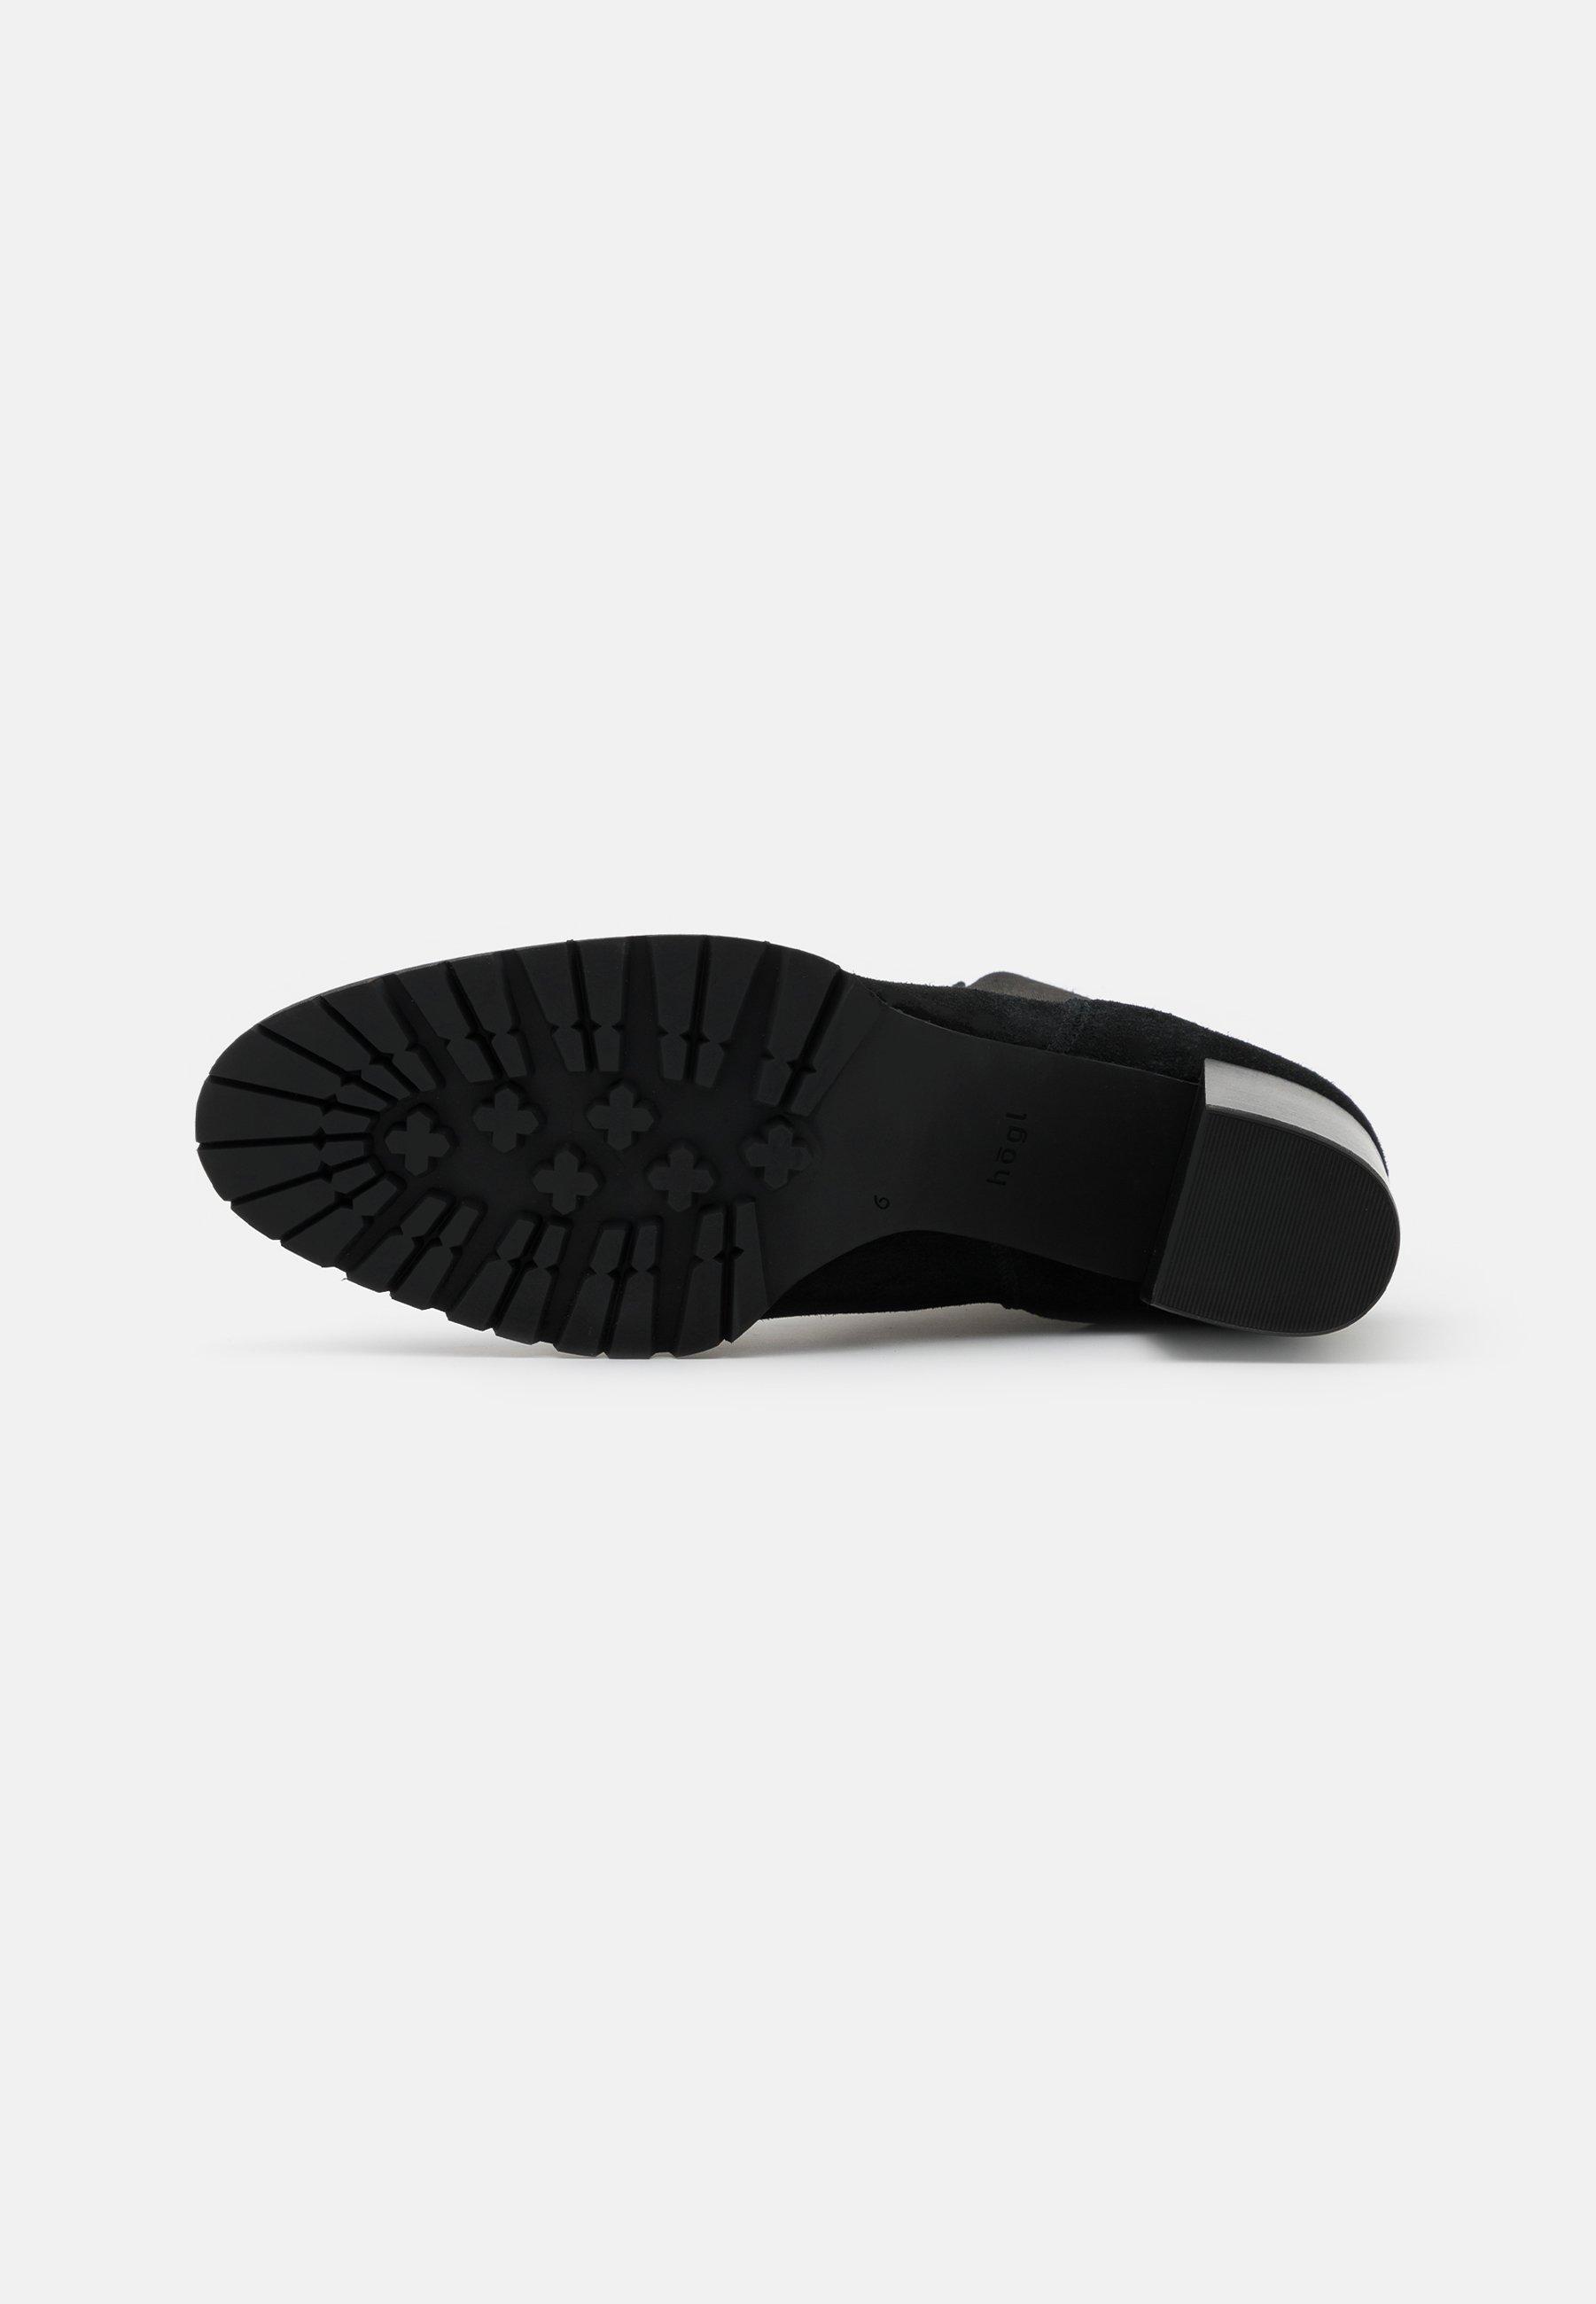 Högl Stiefelette schwarz/schwarz